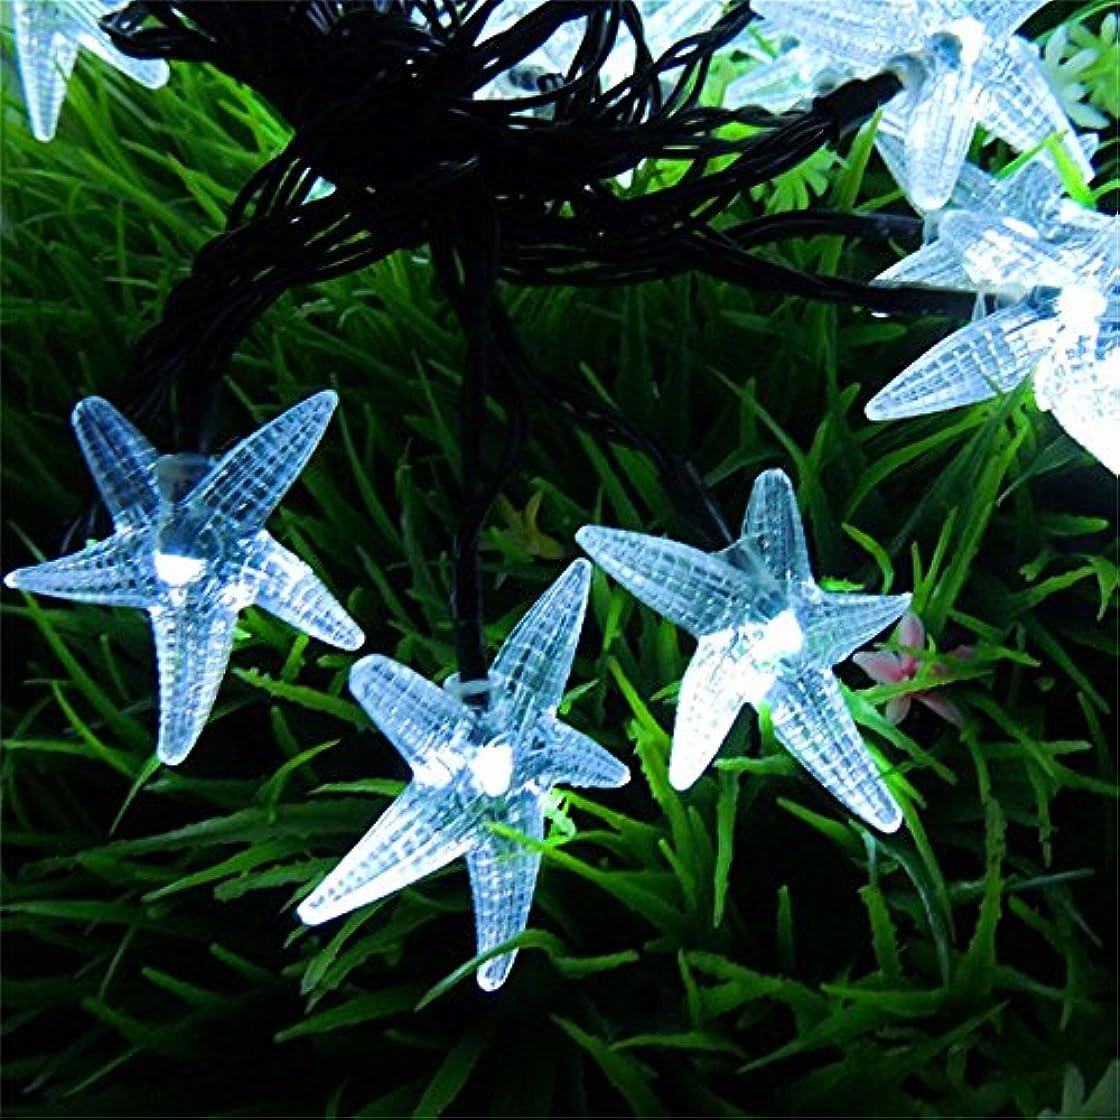 実際のピンクフィクションソーラーストリングライト、SIMPLE DO LEDライト イルミネーション クリスマス パーティー 防水 省エネ 環境に優しい 使いやすい カラフル(ホワイト)